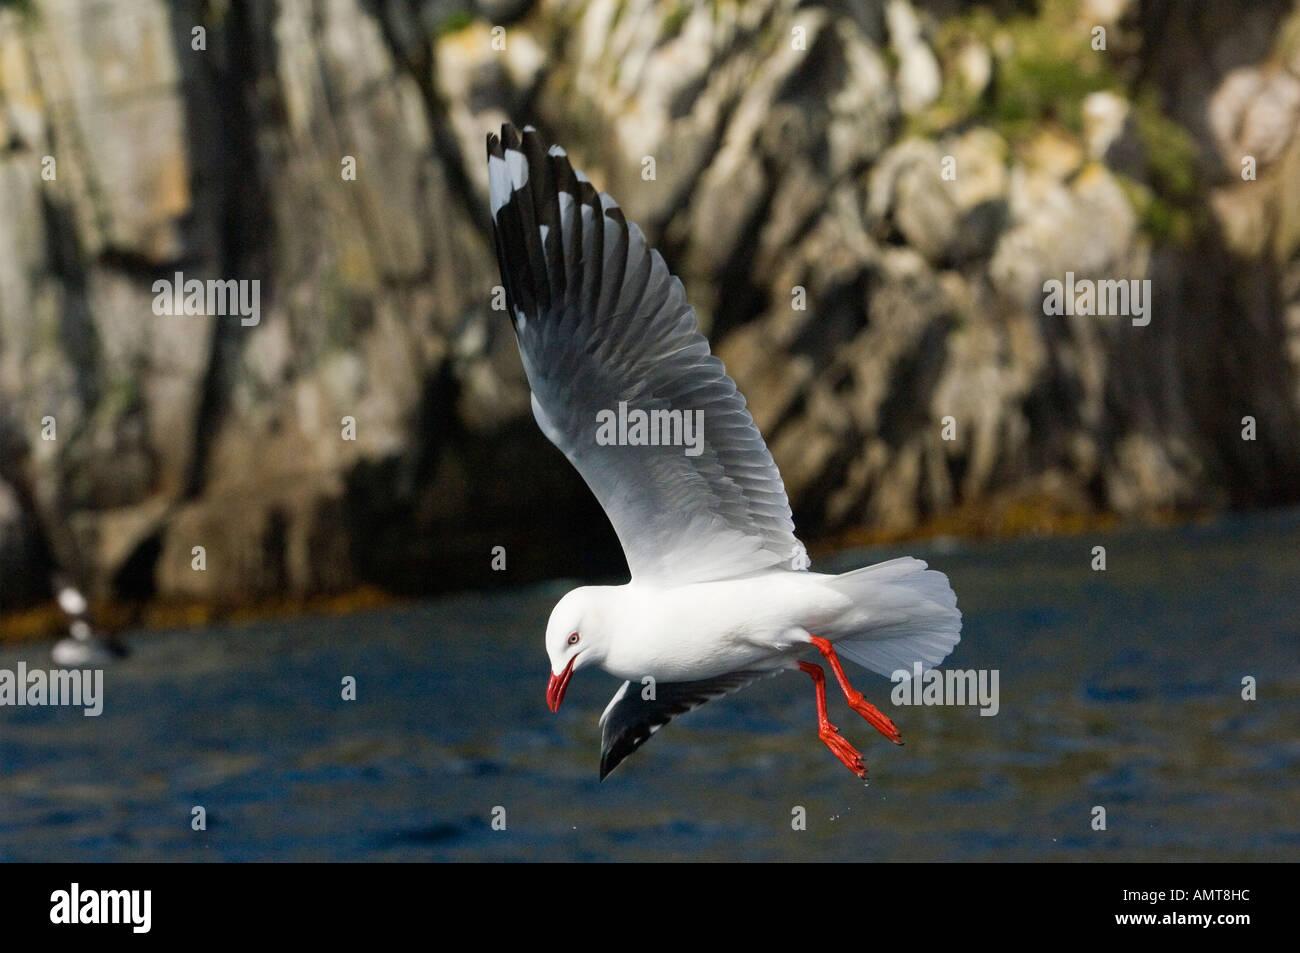 Silver Gull Galapagos Islands Ecuador - Stock Image